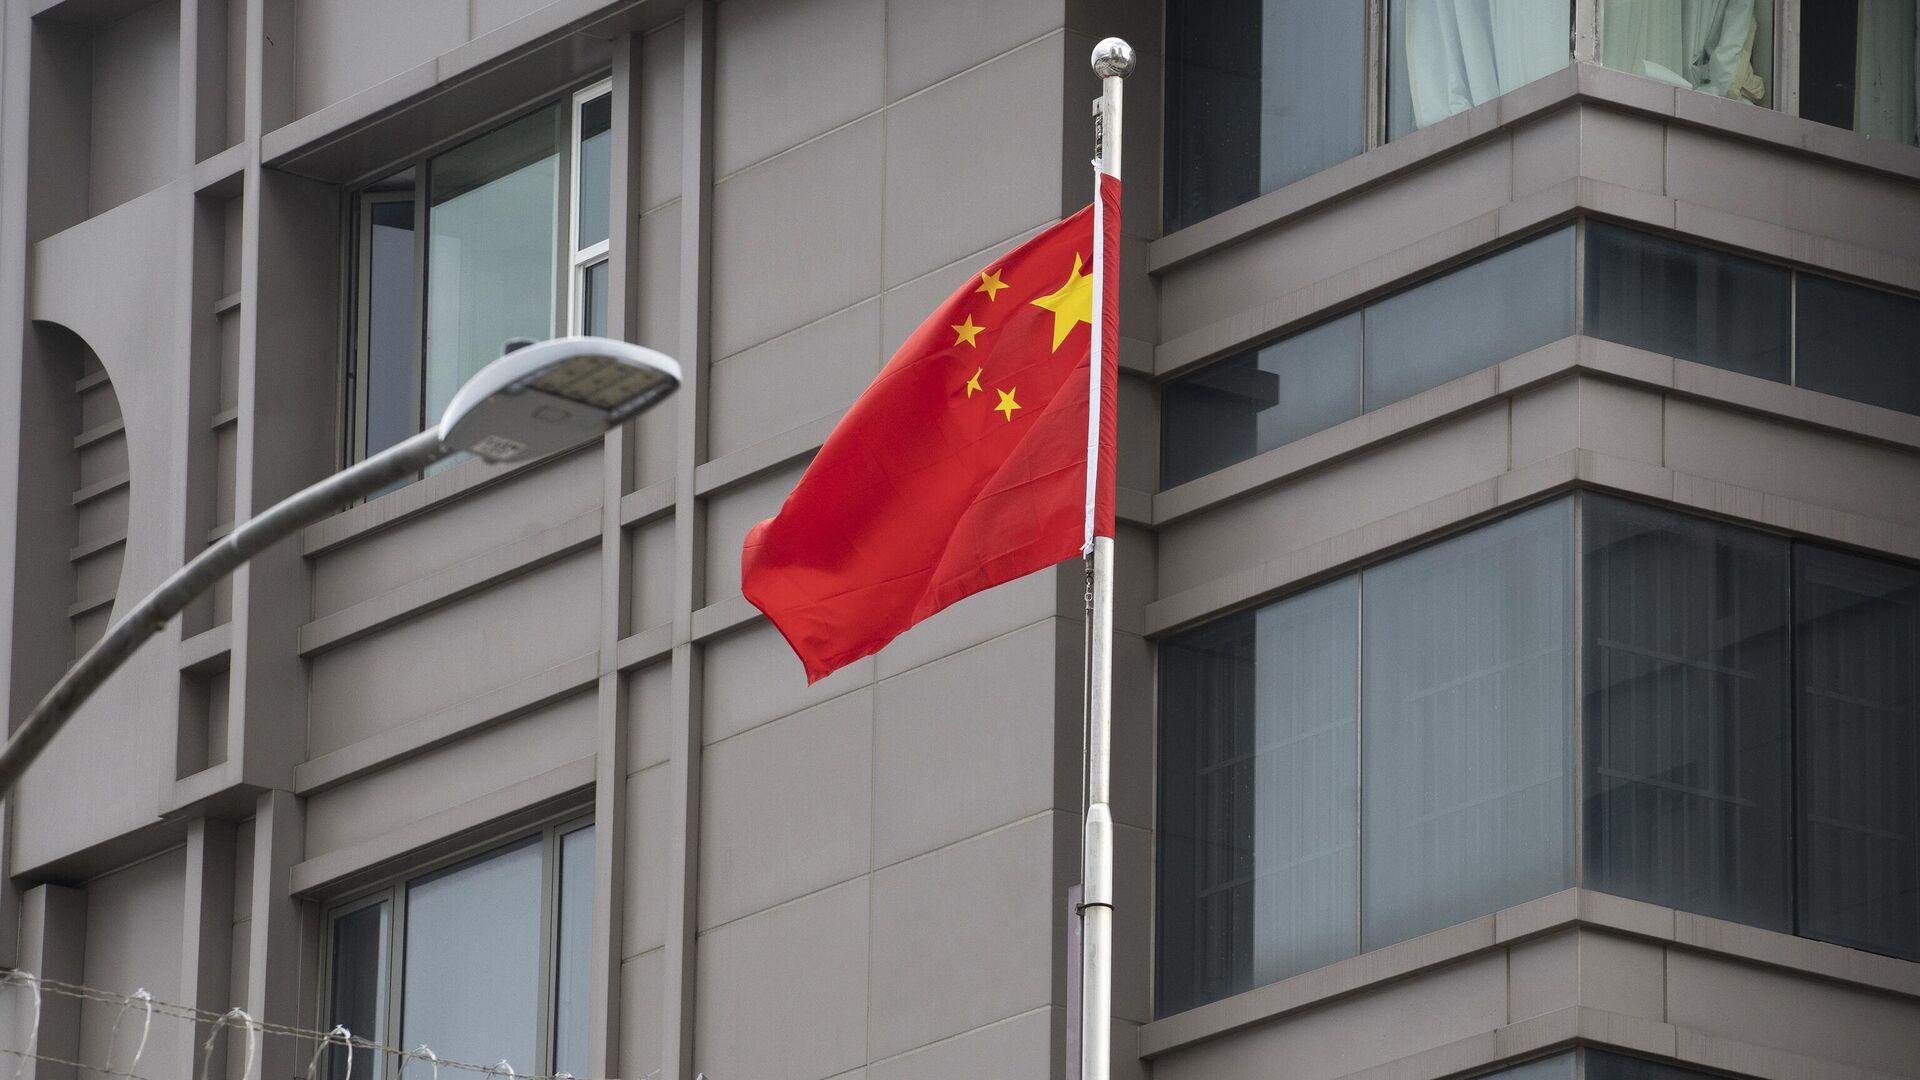 Генеральное консульство КНР в Хьюстоне - РИА Новости, 1920, 20.01.2021